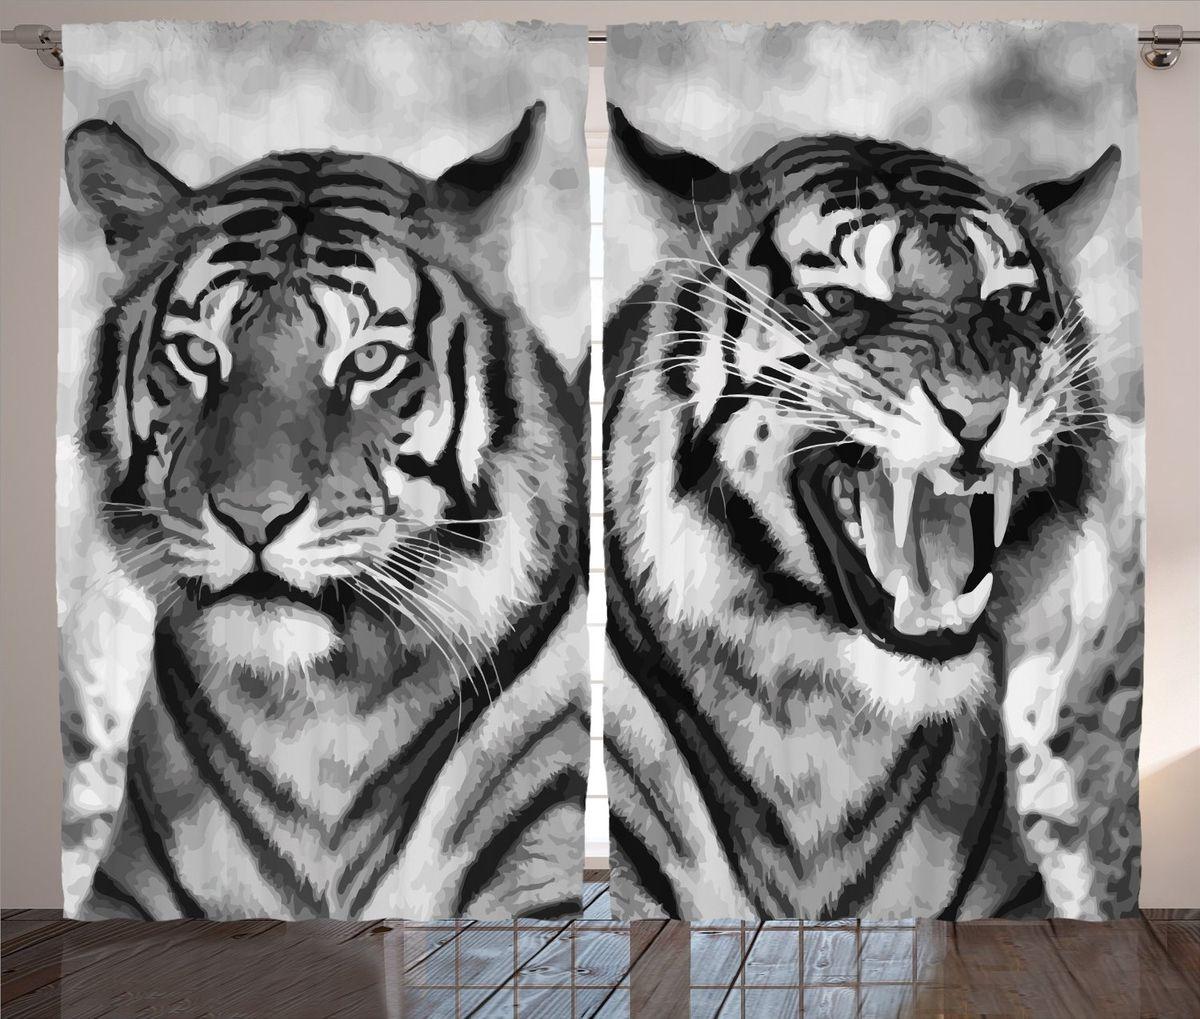 Комплект фотоштор Magic Lady Черно-белые тигры, на ленте, высота 265 см. шсг_12727шсг_3759Компания Сэмболь изготавливает шторы из высококачественного сатена (полиэстер 100%). При изготовлении используются специальные гипоаллергенные чернила для прямой печати по ткани, безопасные для человека и животных. Экологичность продукции Magic lady и безопасность для окружающей среды подтверждены сертификатом Oeko-Tex Standard 100. Крепление: крючки для крепления на шторной ленте (50 шт). Возможно крепление на трубу. Внимание! При нанесении сублимационной печати на ткань технологическим методом при температуре 240°С, возможно отклонение полученных размеров (указанных на этикетке и сайте) от стандартных на + - 3-5 см. Производитель старается максимально точно передать цвета изделия на фотографиях, однако искажения неизбежны и фактический цвет изделия может отличаться от воспринимаемого по фото. Обратите внимание! Шторы изготовлены из полиэстра сатенового переплетения, а не из сатина (хлопок). Размер одного полотна шторы: 145х265 см. В комплекте 2 полотна шторы и 50 крючков.